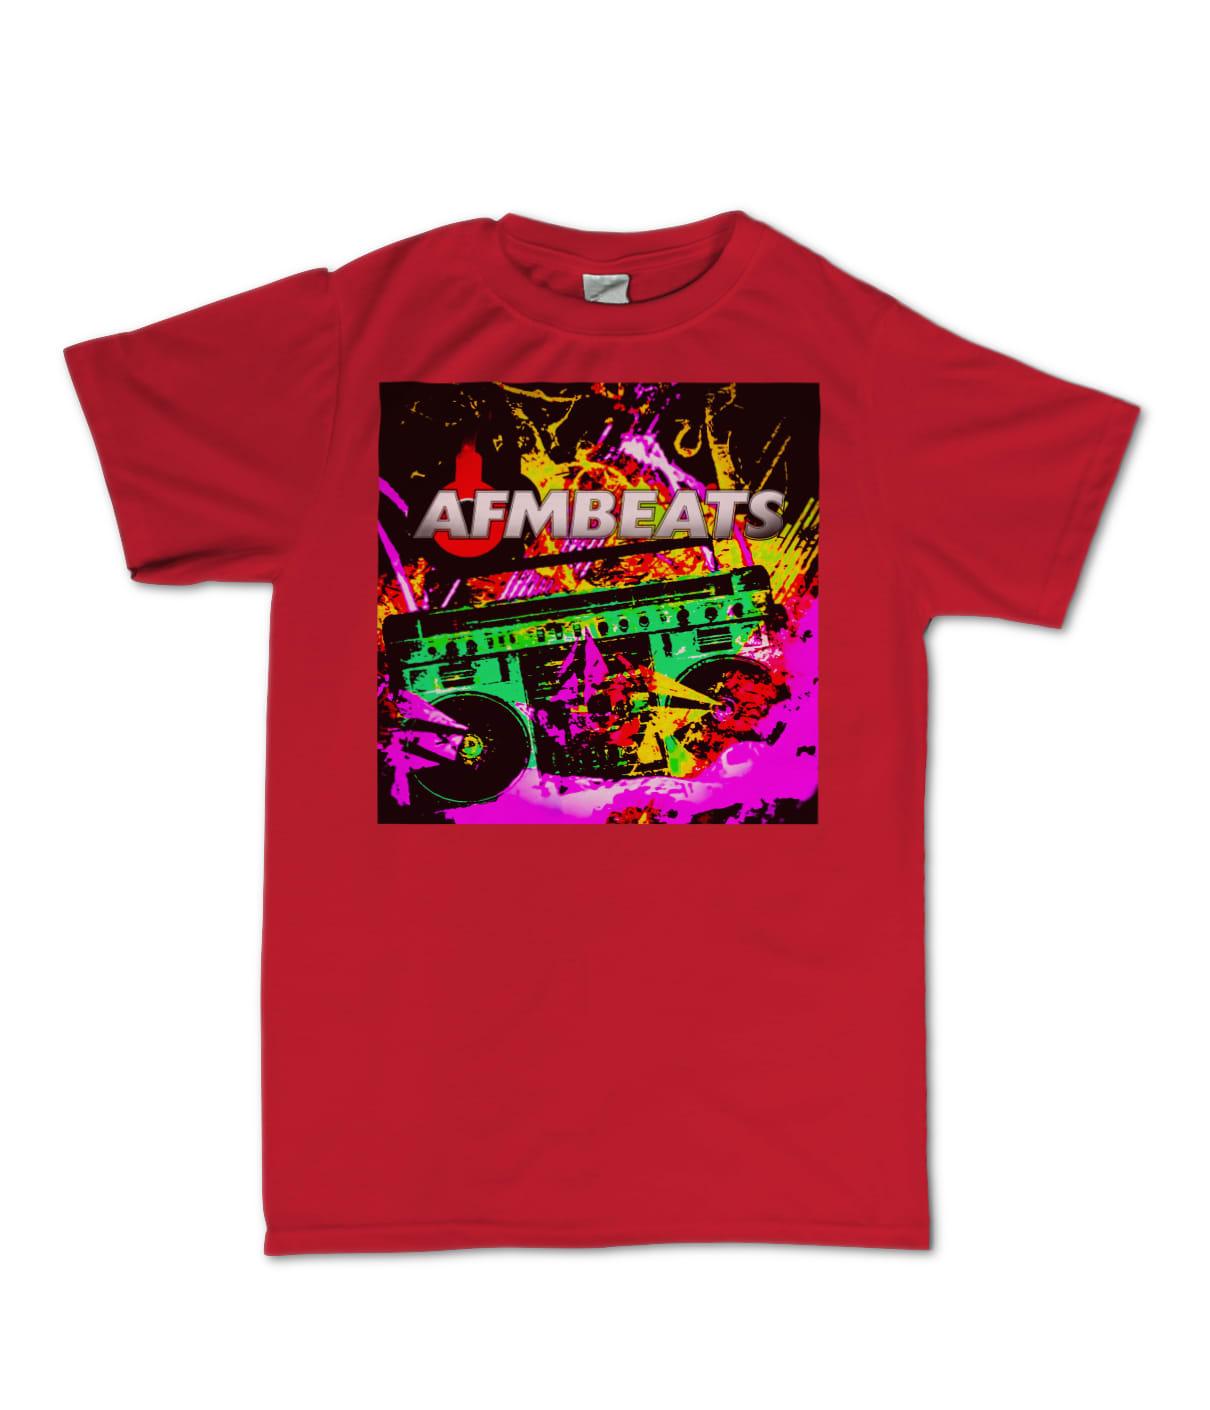 Afmbeats afmbeats 2018 2019 album artwork 1546967517